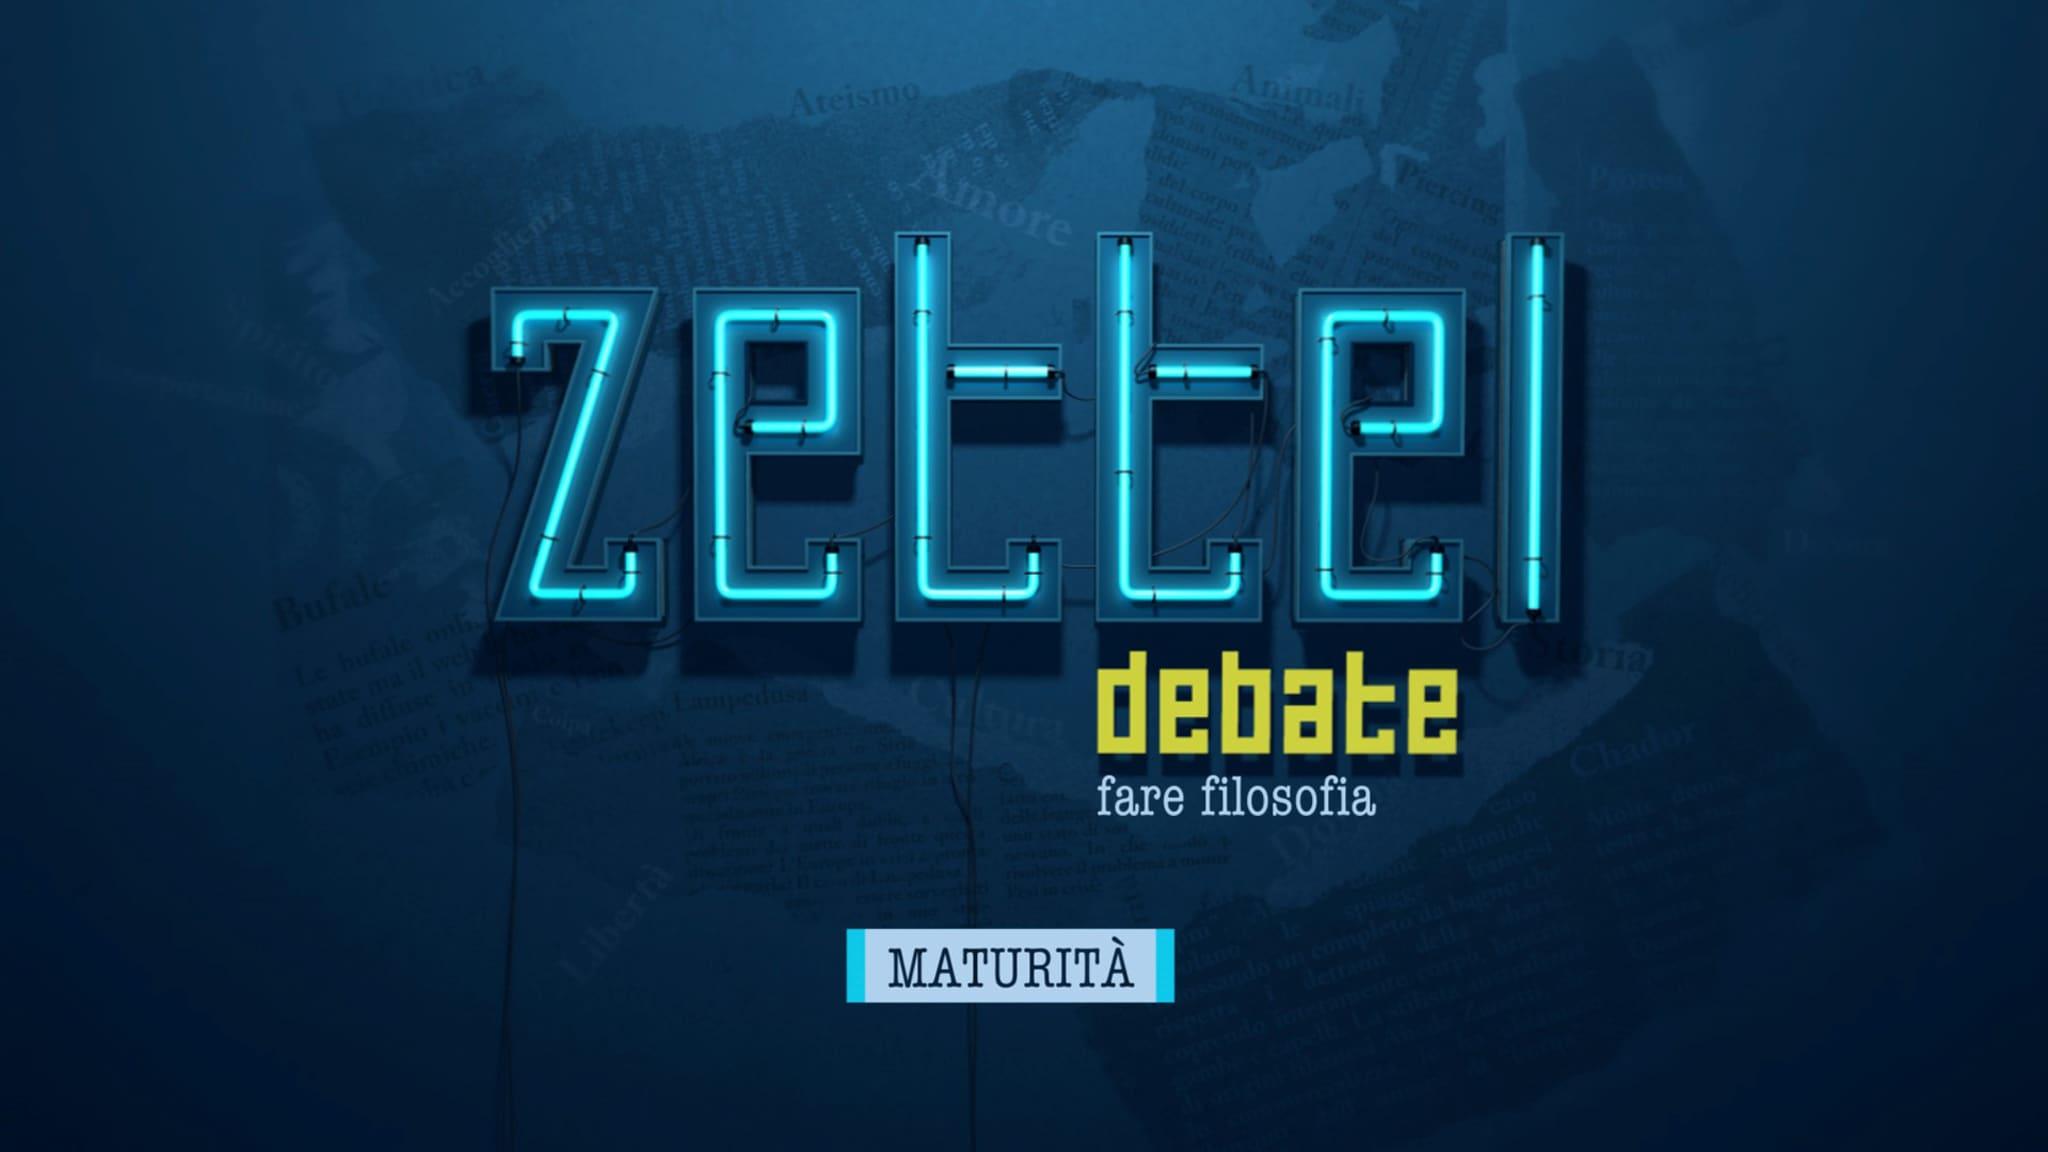 Rai Scuola Zettel - Maturità 2020 pt. 8 Replica